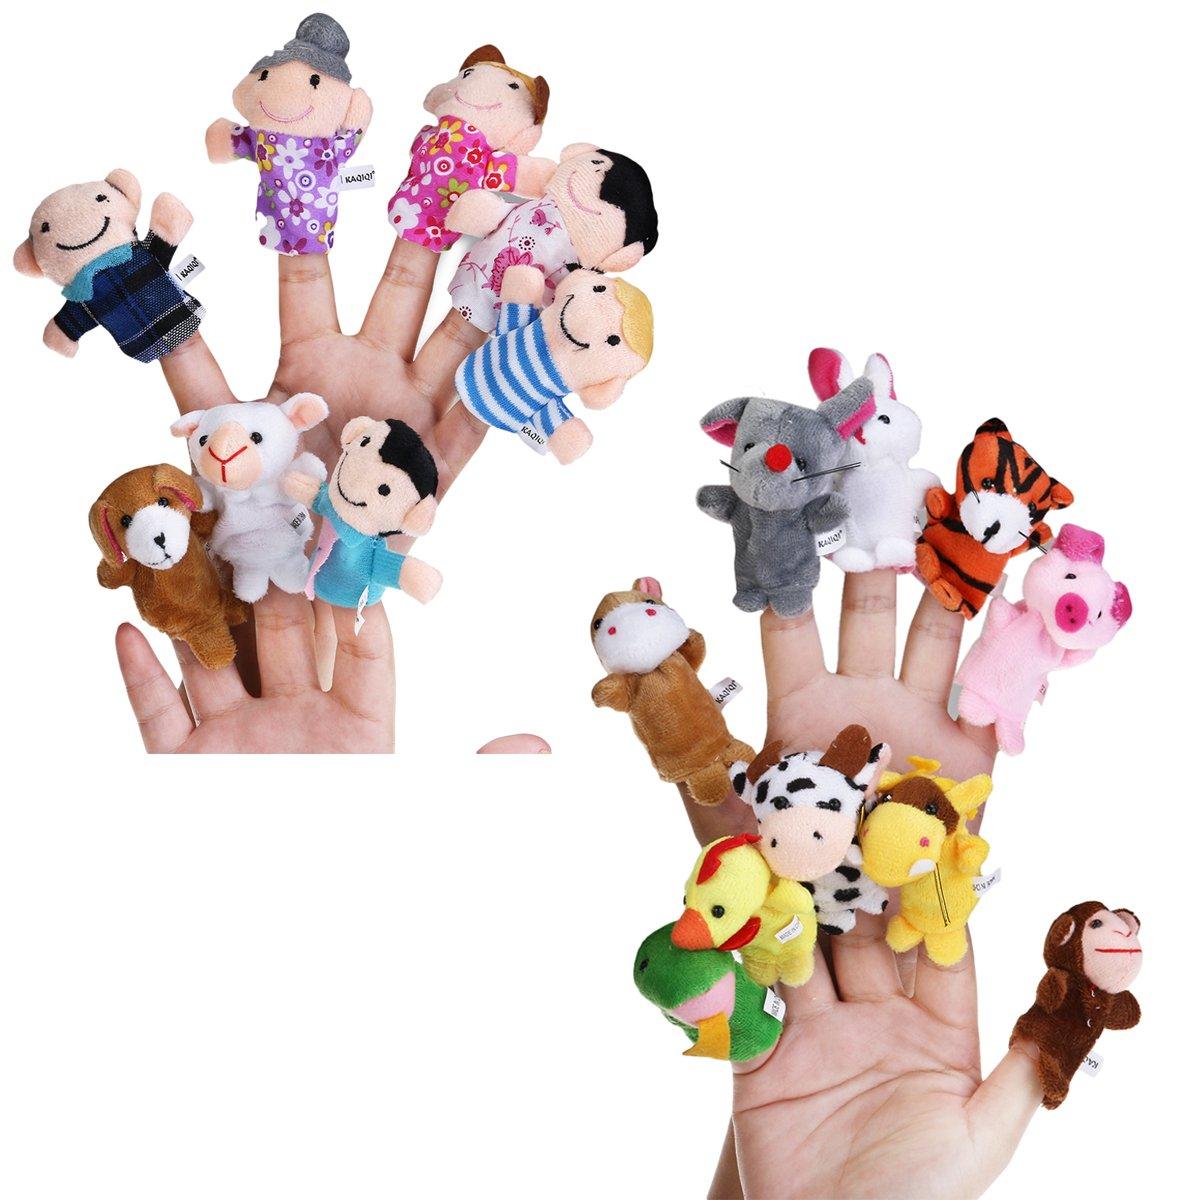 Pixnor Finger Puppets 18pcs samt kleinen tierischen Finger Toys Set Lernspielzeug-Weihnachts-Geschenk für Kinder